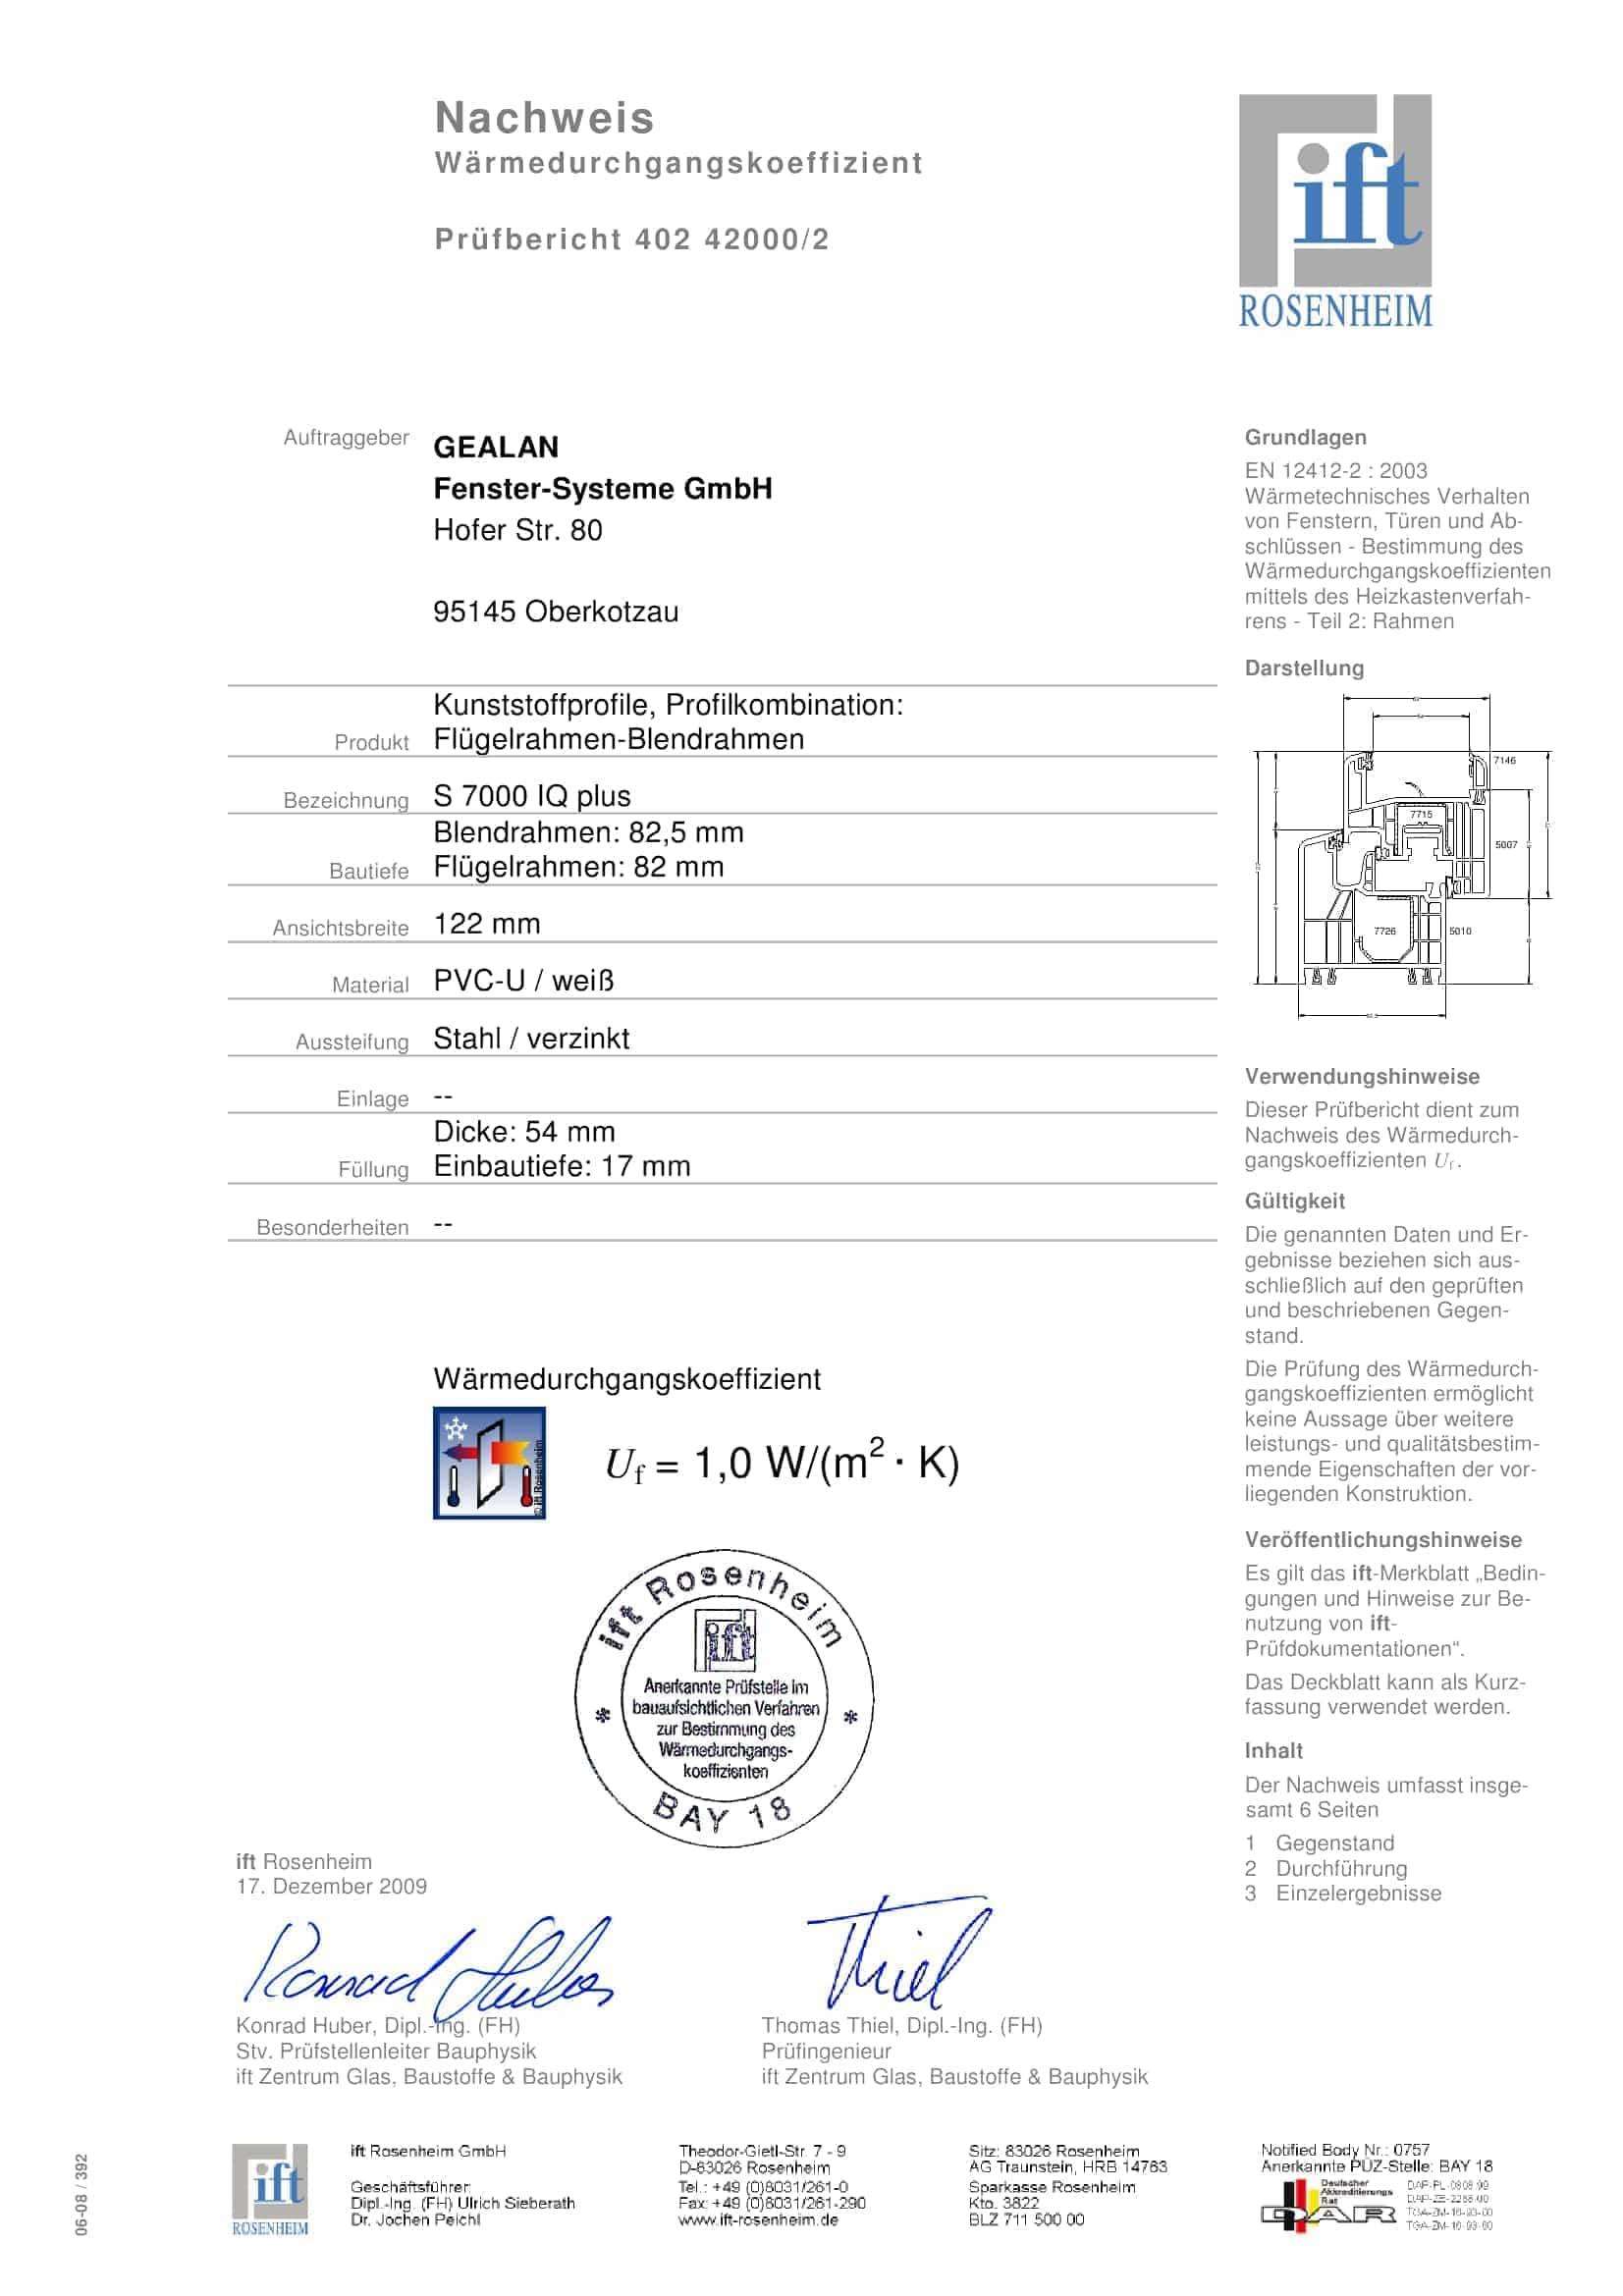 GEALAN Fenster-Systeme GmbH